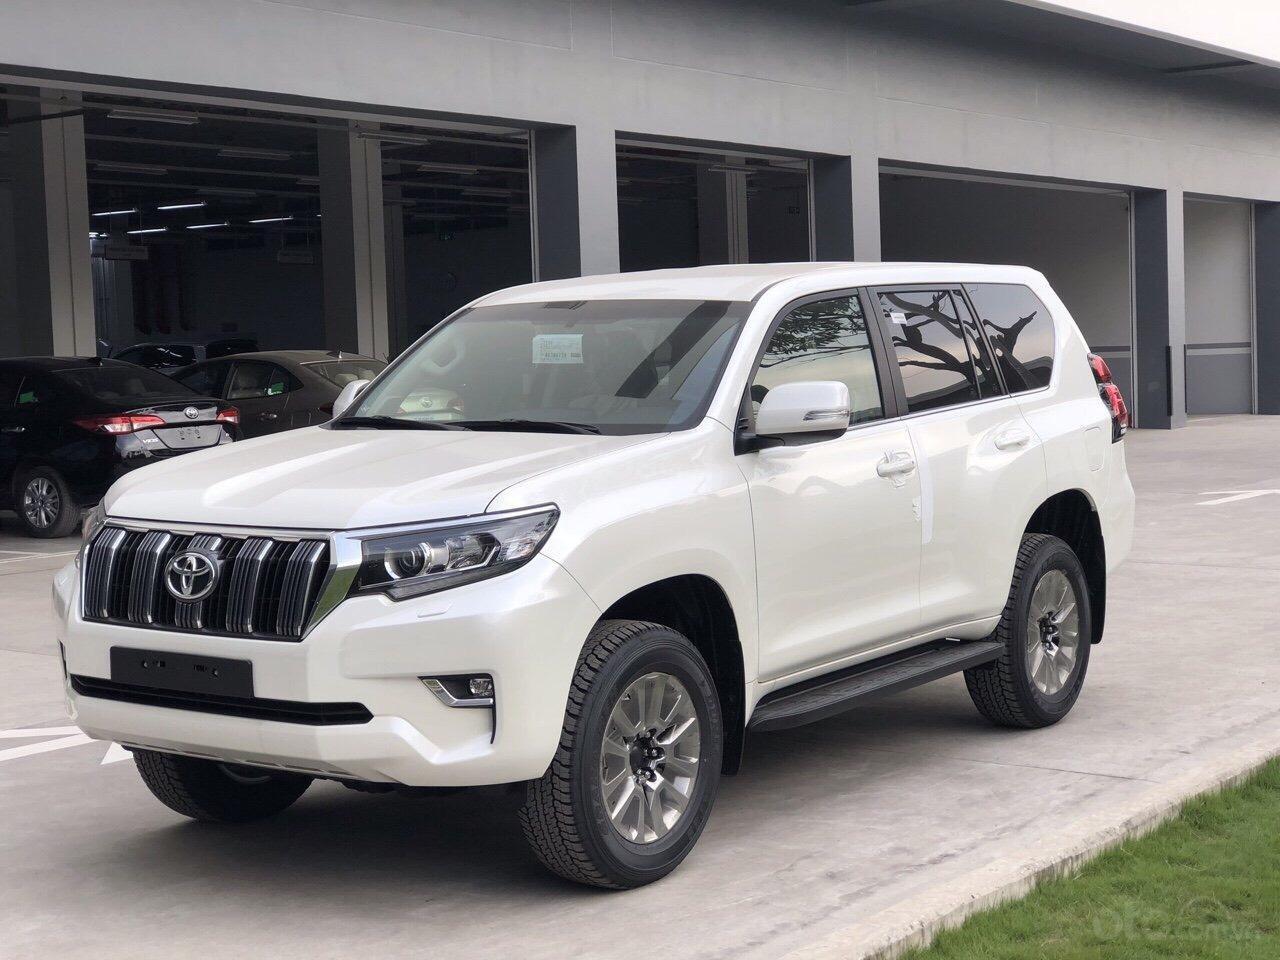 Toyota Giải Phóng - CN Pháp Vân (8)